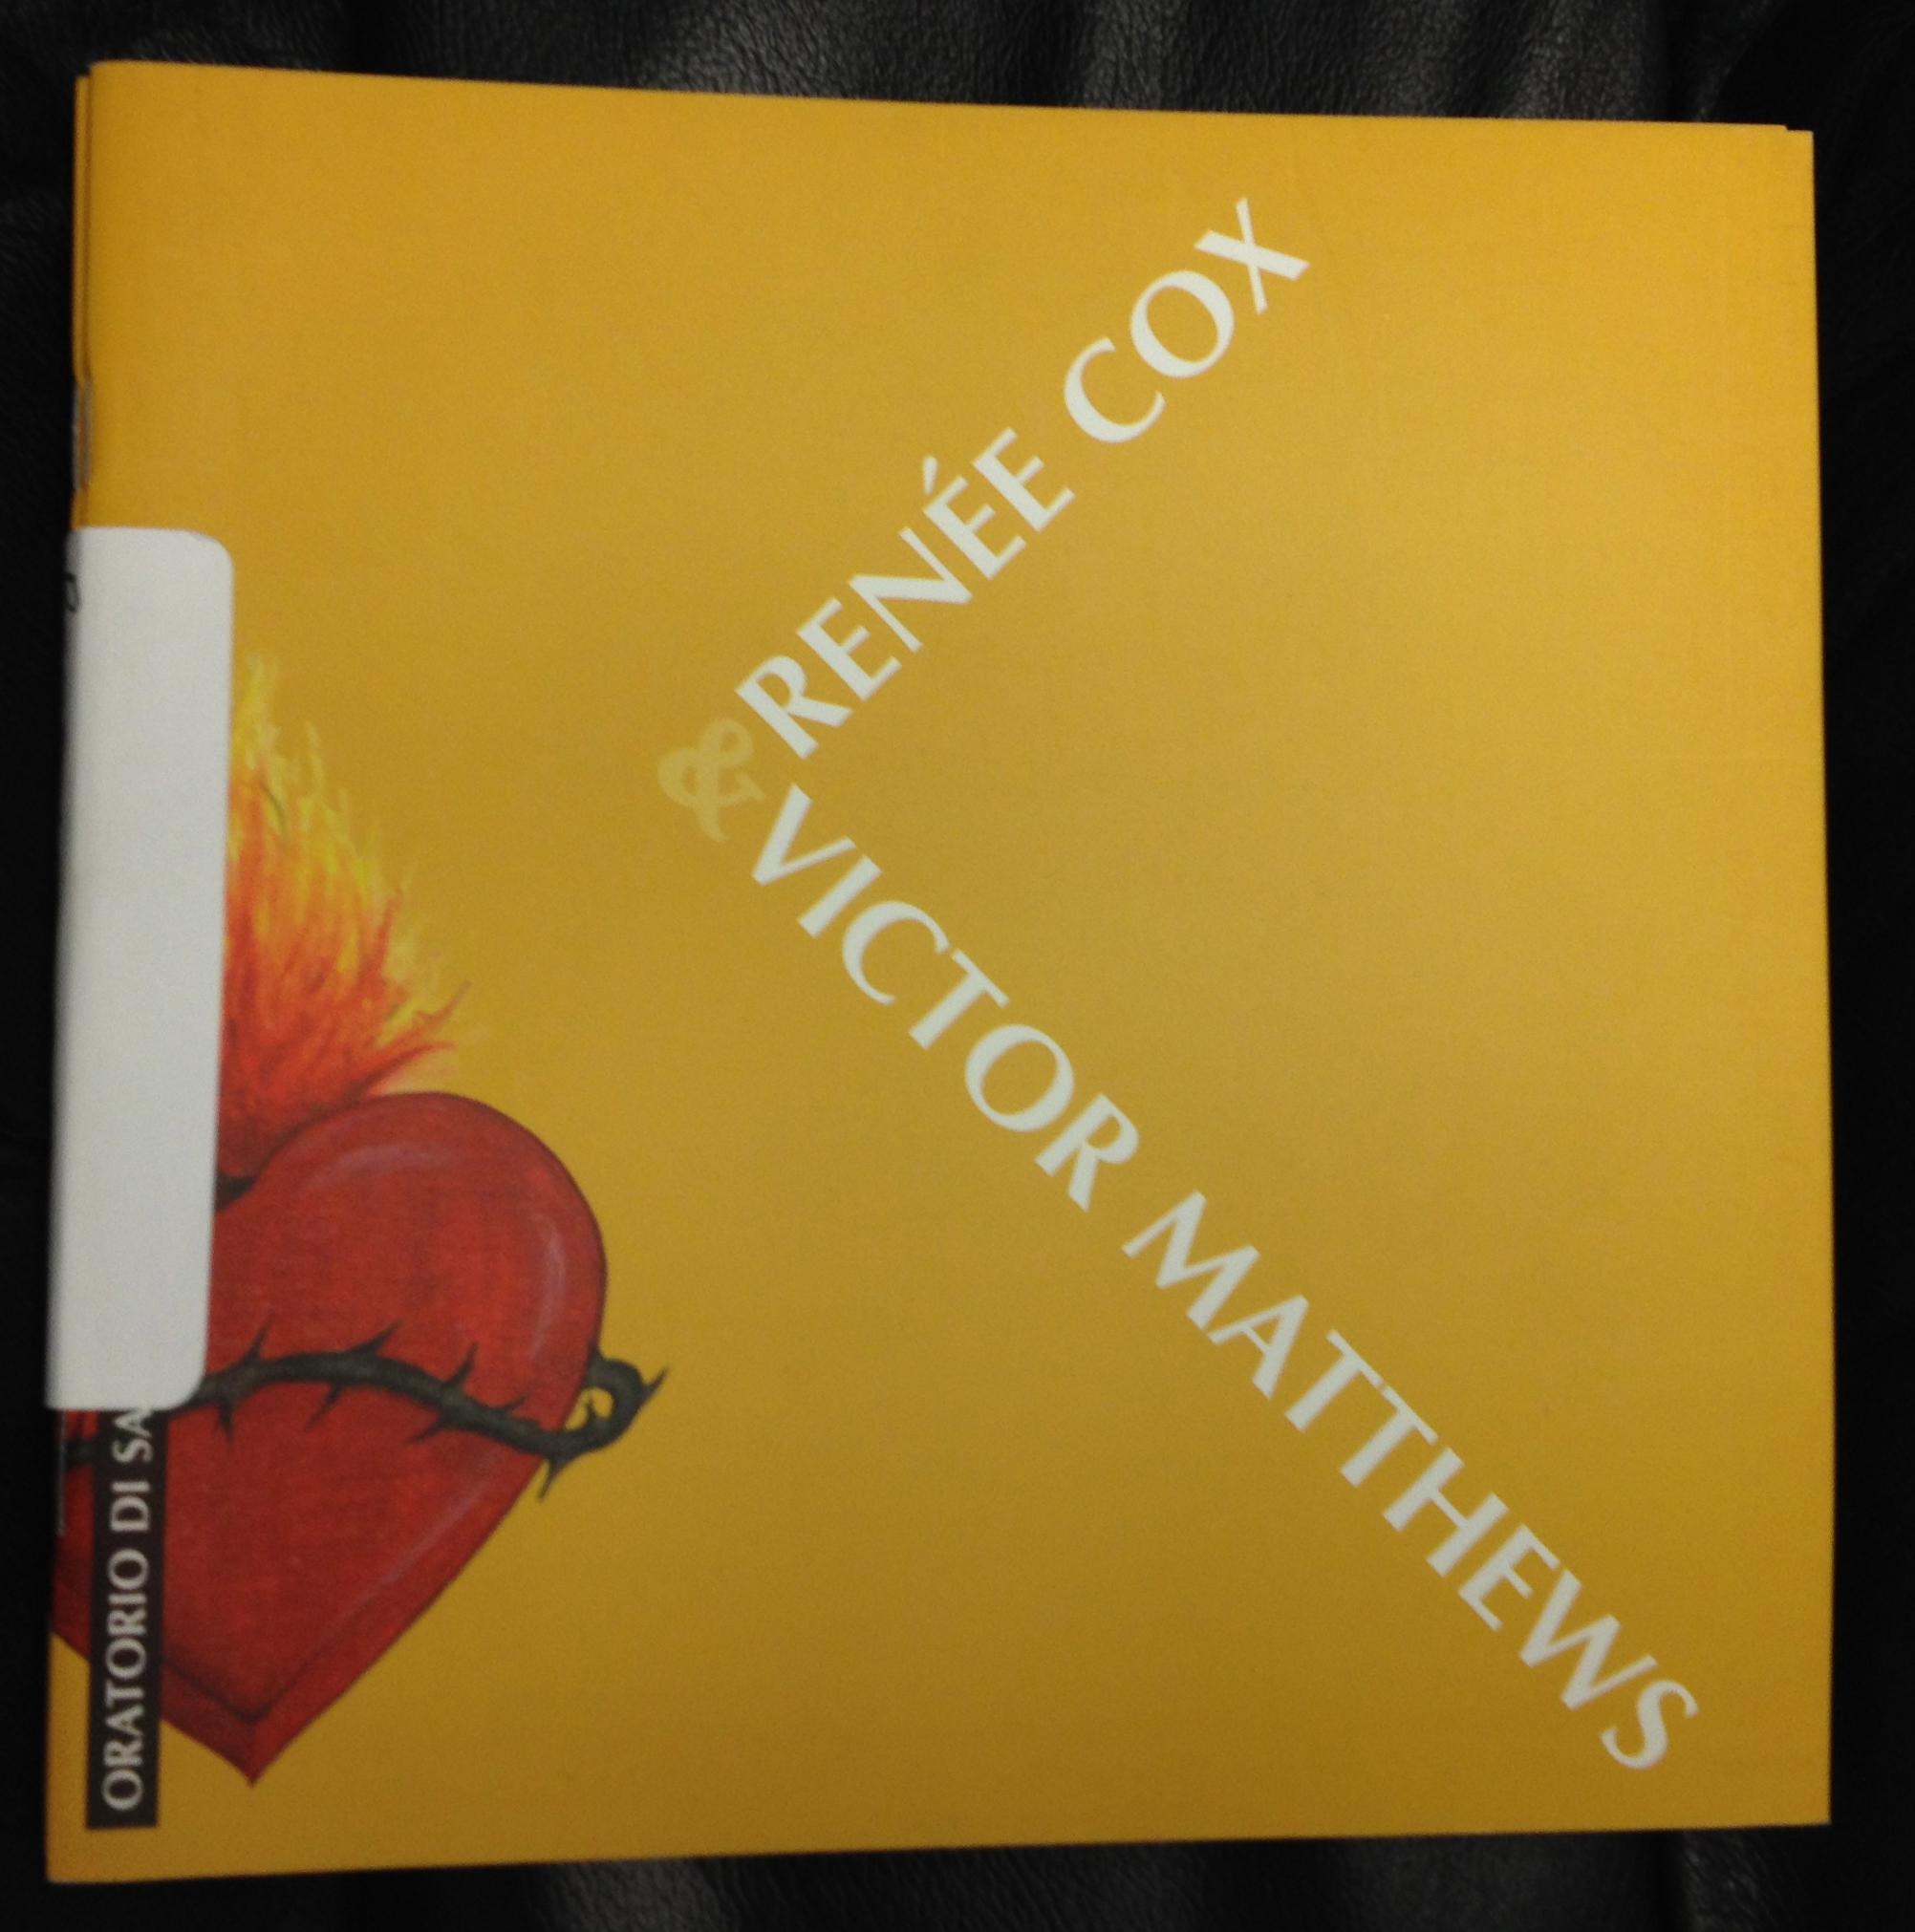 PUBLICATIONS | renee-cox